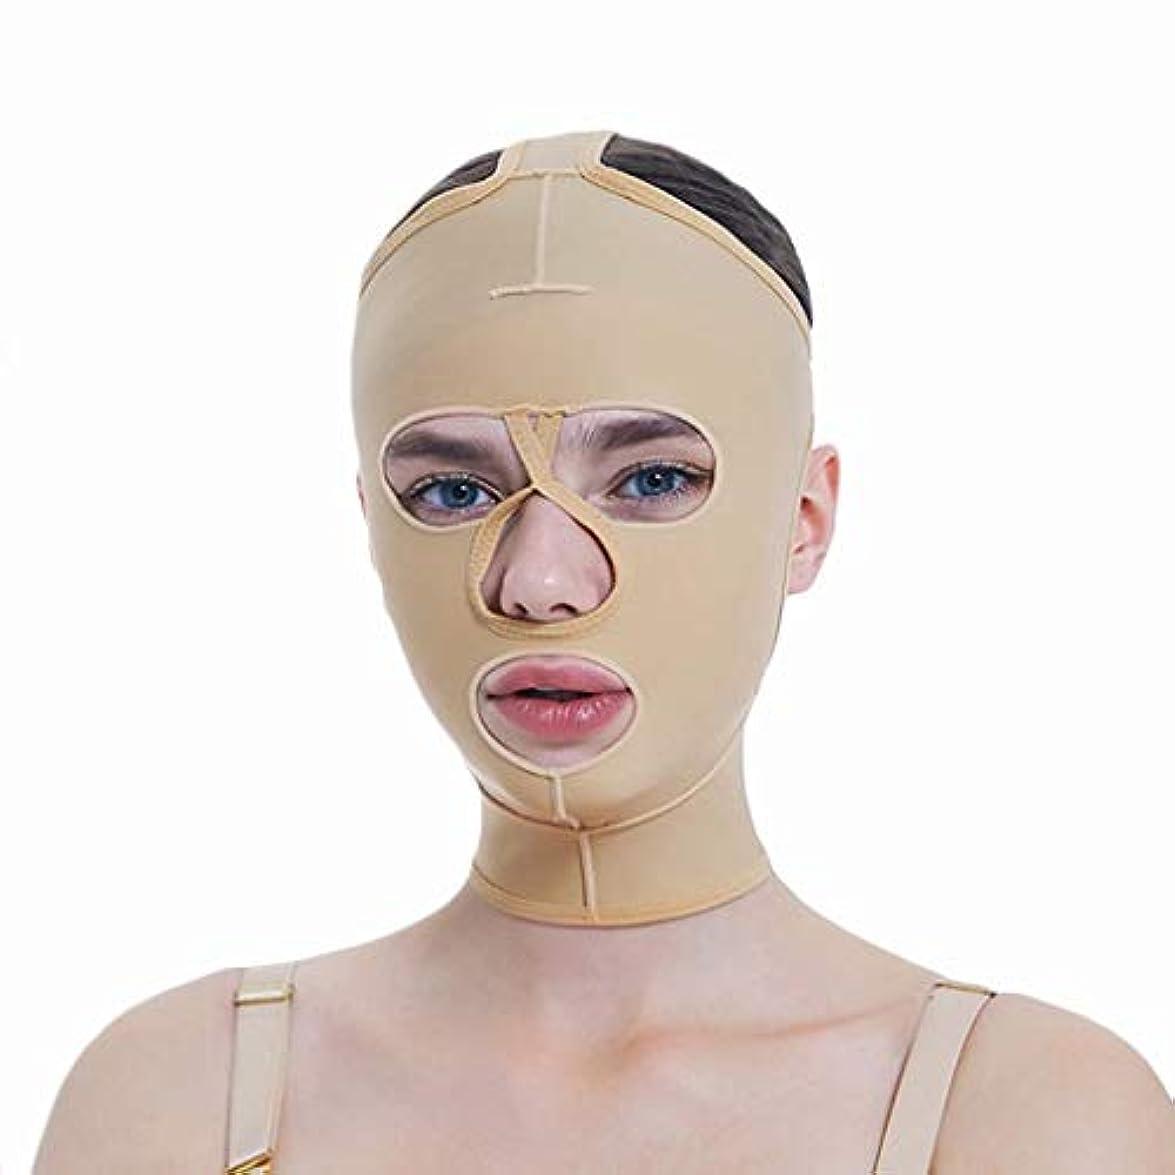 操作スキッパーバンカーフェイシャル減量マスク、フルカバレッジ包帯、フルフェイスリフティングマスク、フェイスマスク、快適で リフティングシェーピング(サイズ:S),XXL